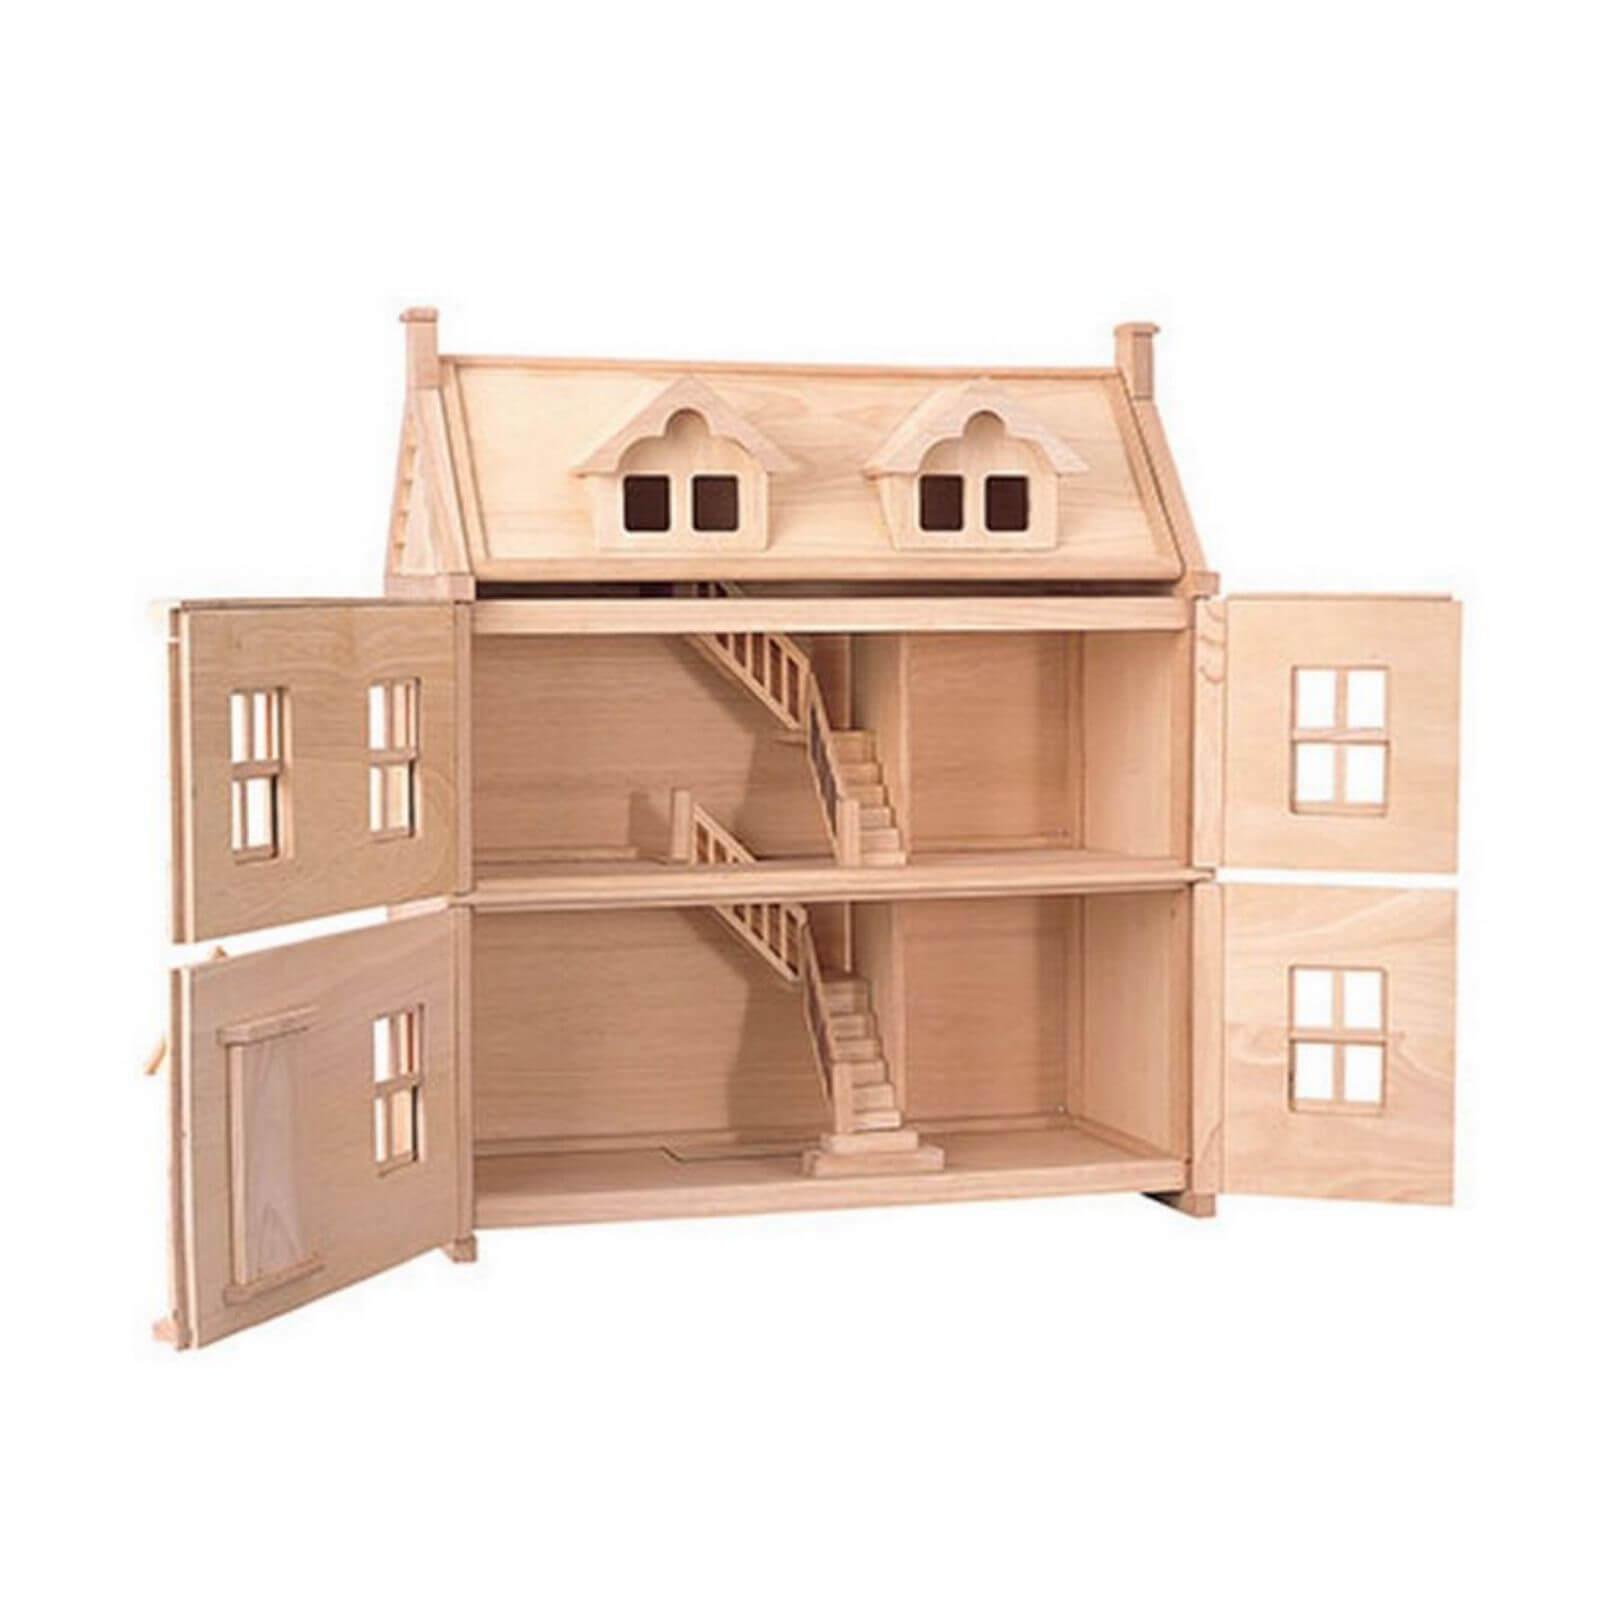 plan toys victorian dolls house - jadrem toys